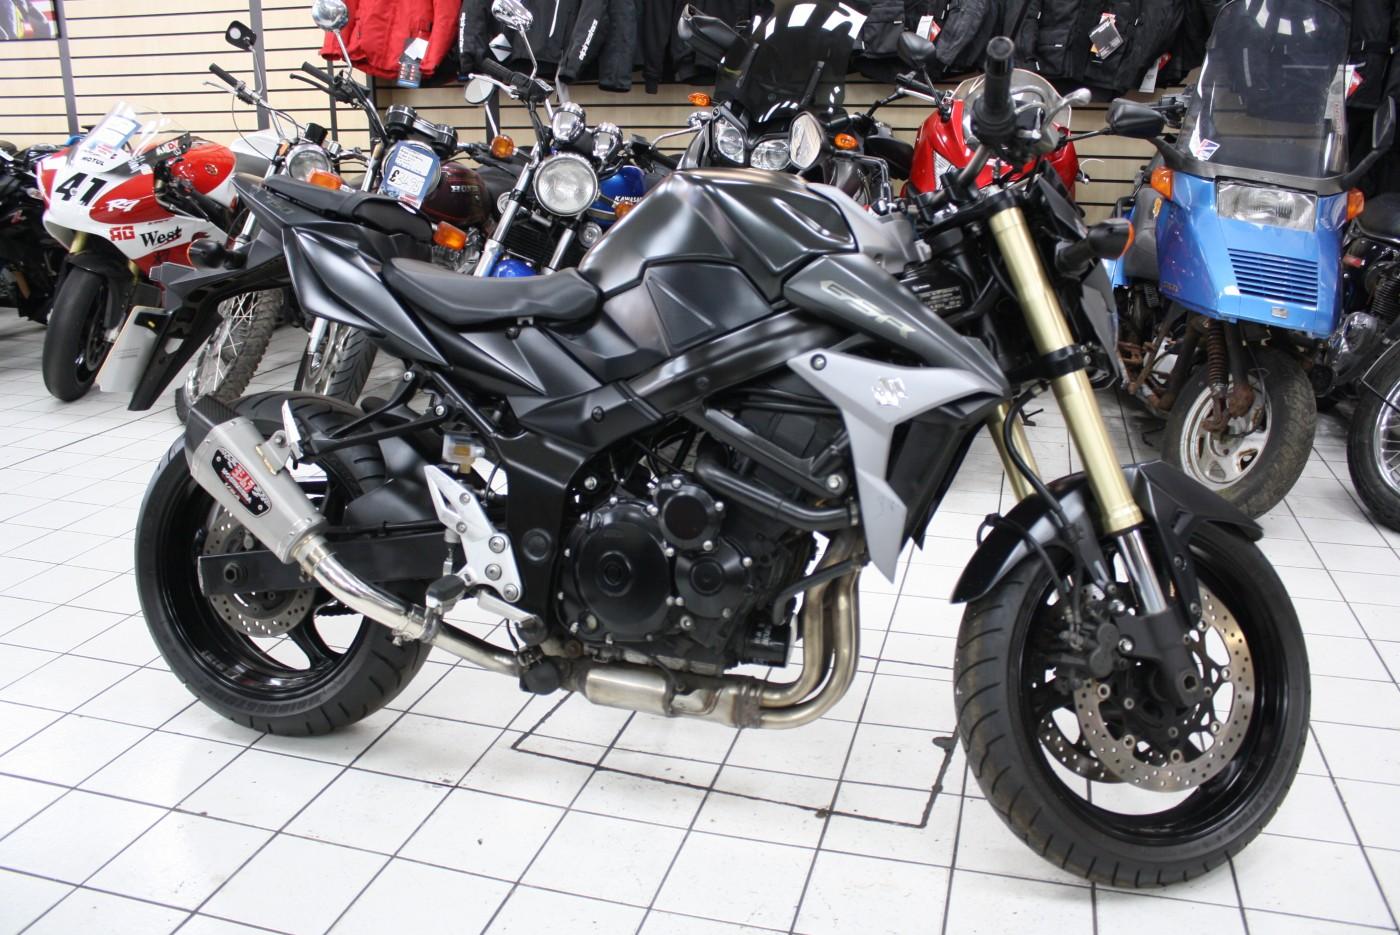 2015 Suzuki GSR750 Grey Yoshimura 18K